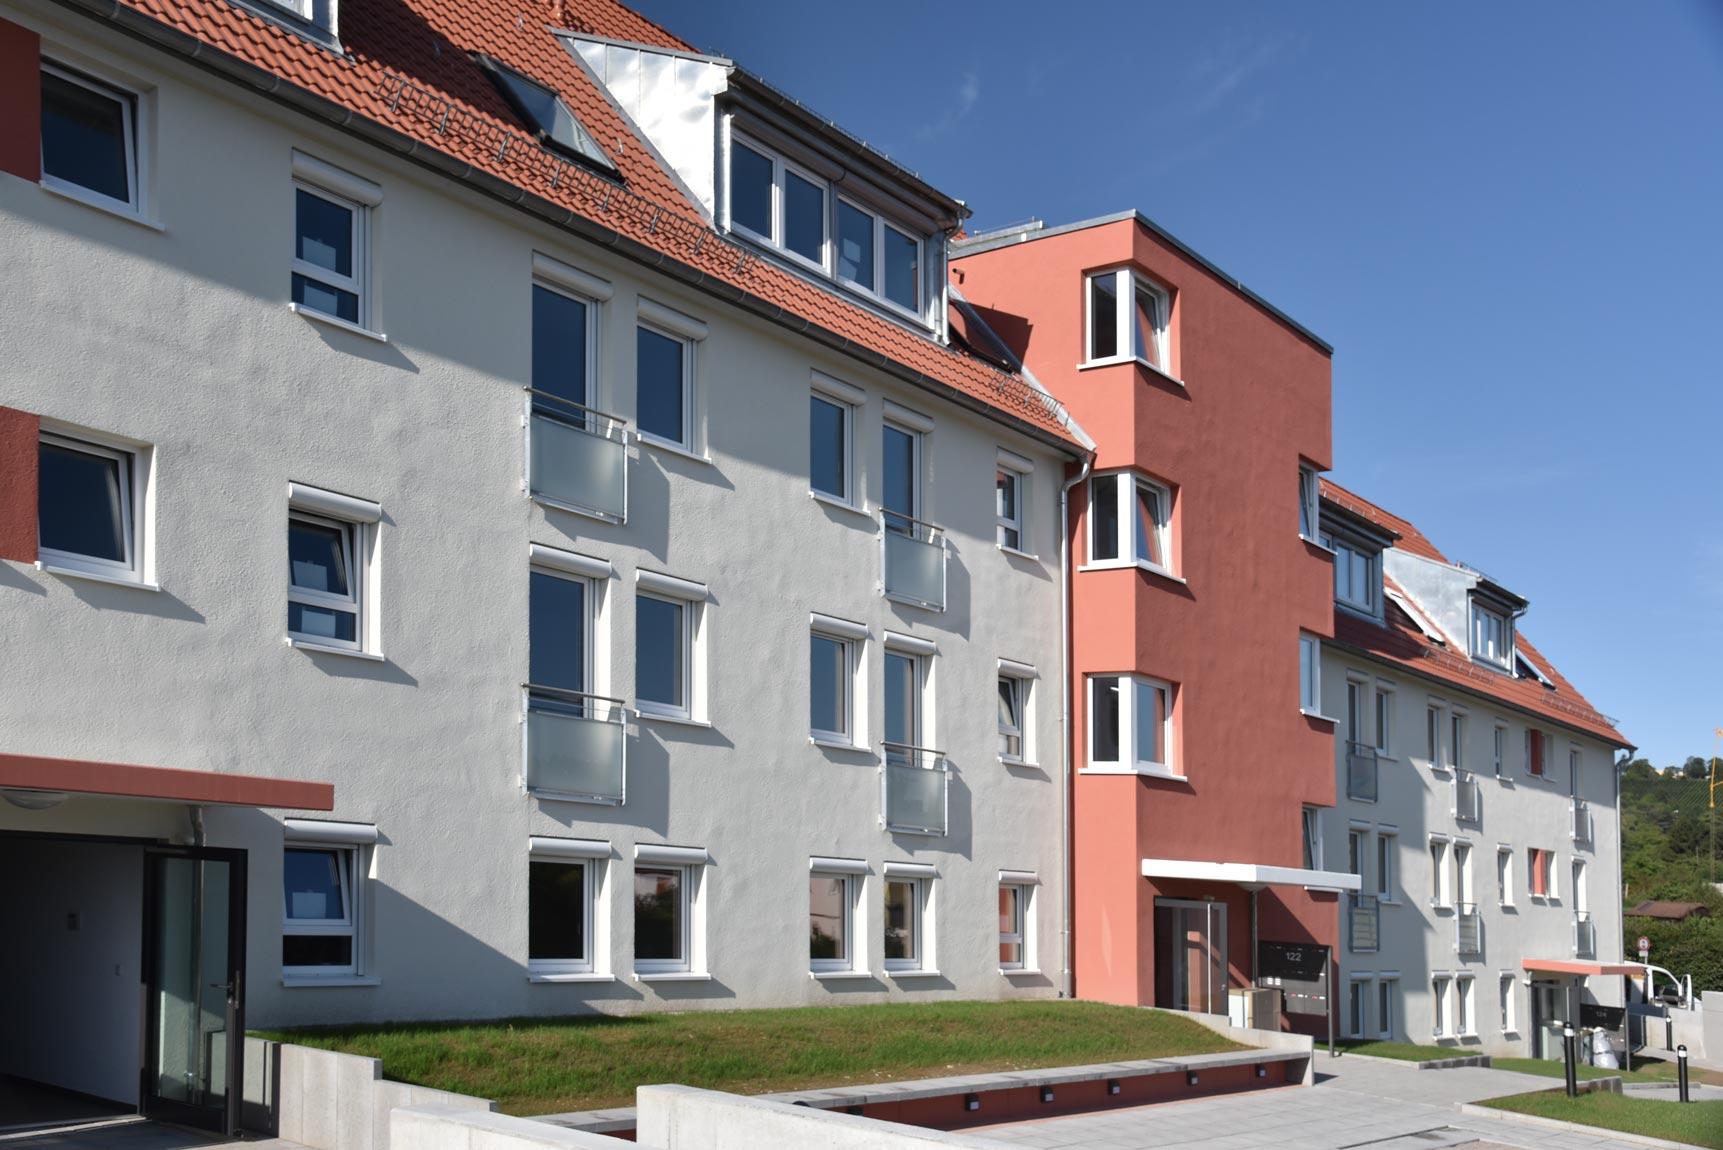 22 Mietwohnungen für die Baugenossenschaft Münster am Neckar eG sind übergeben worden.<br /><br />